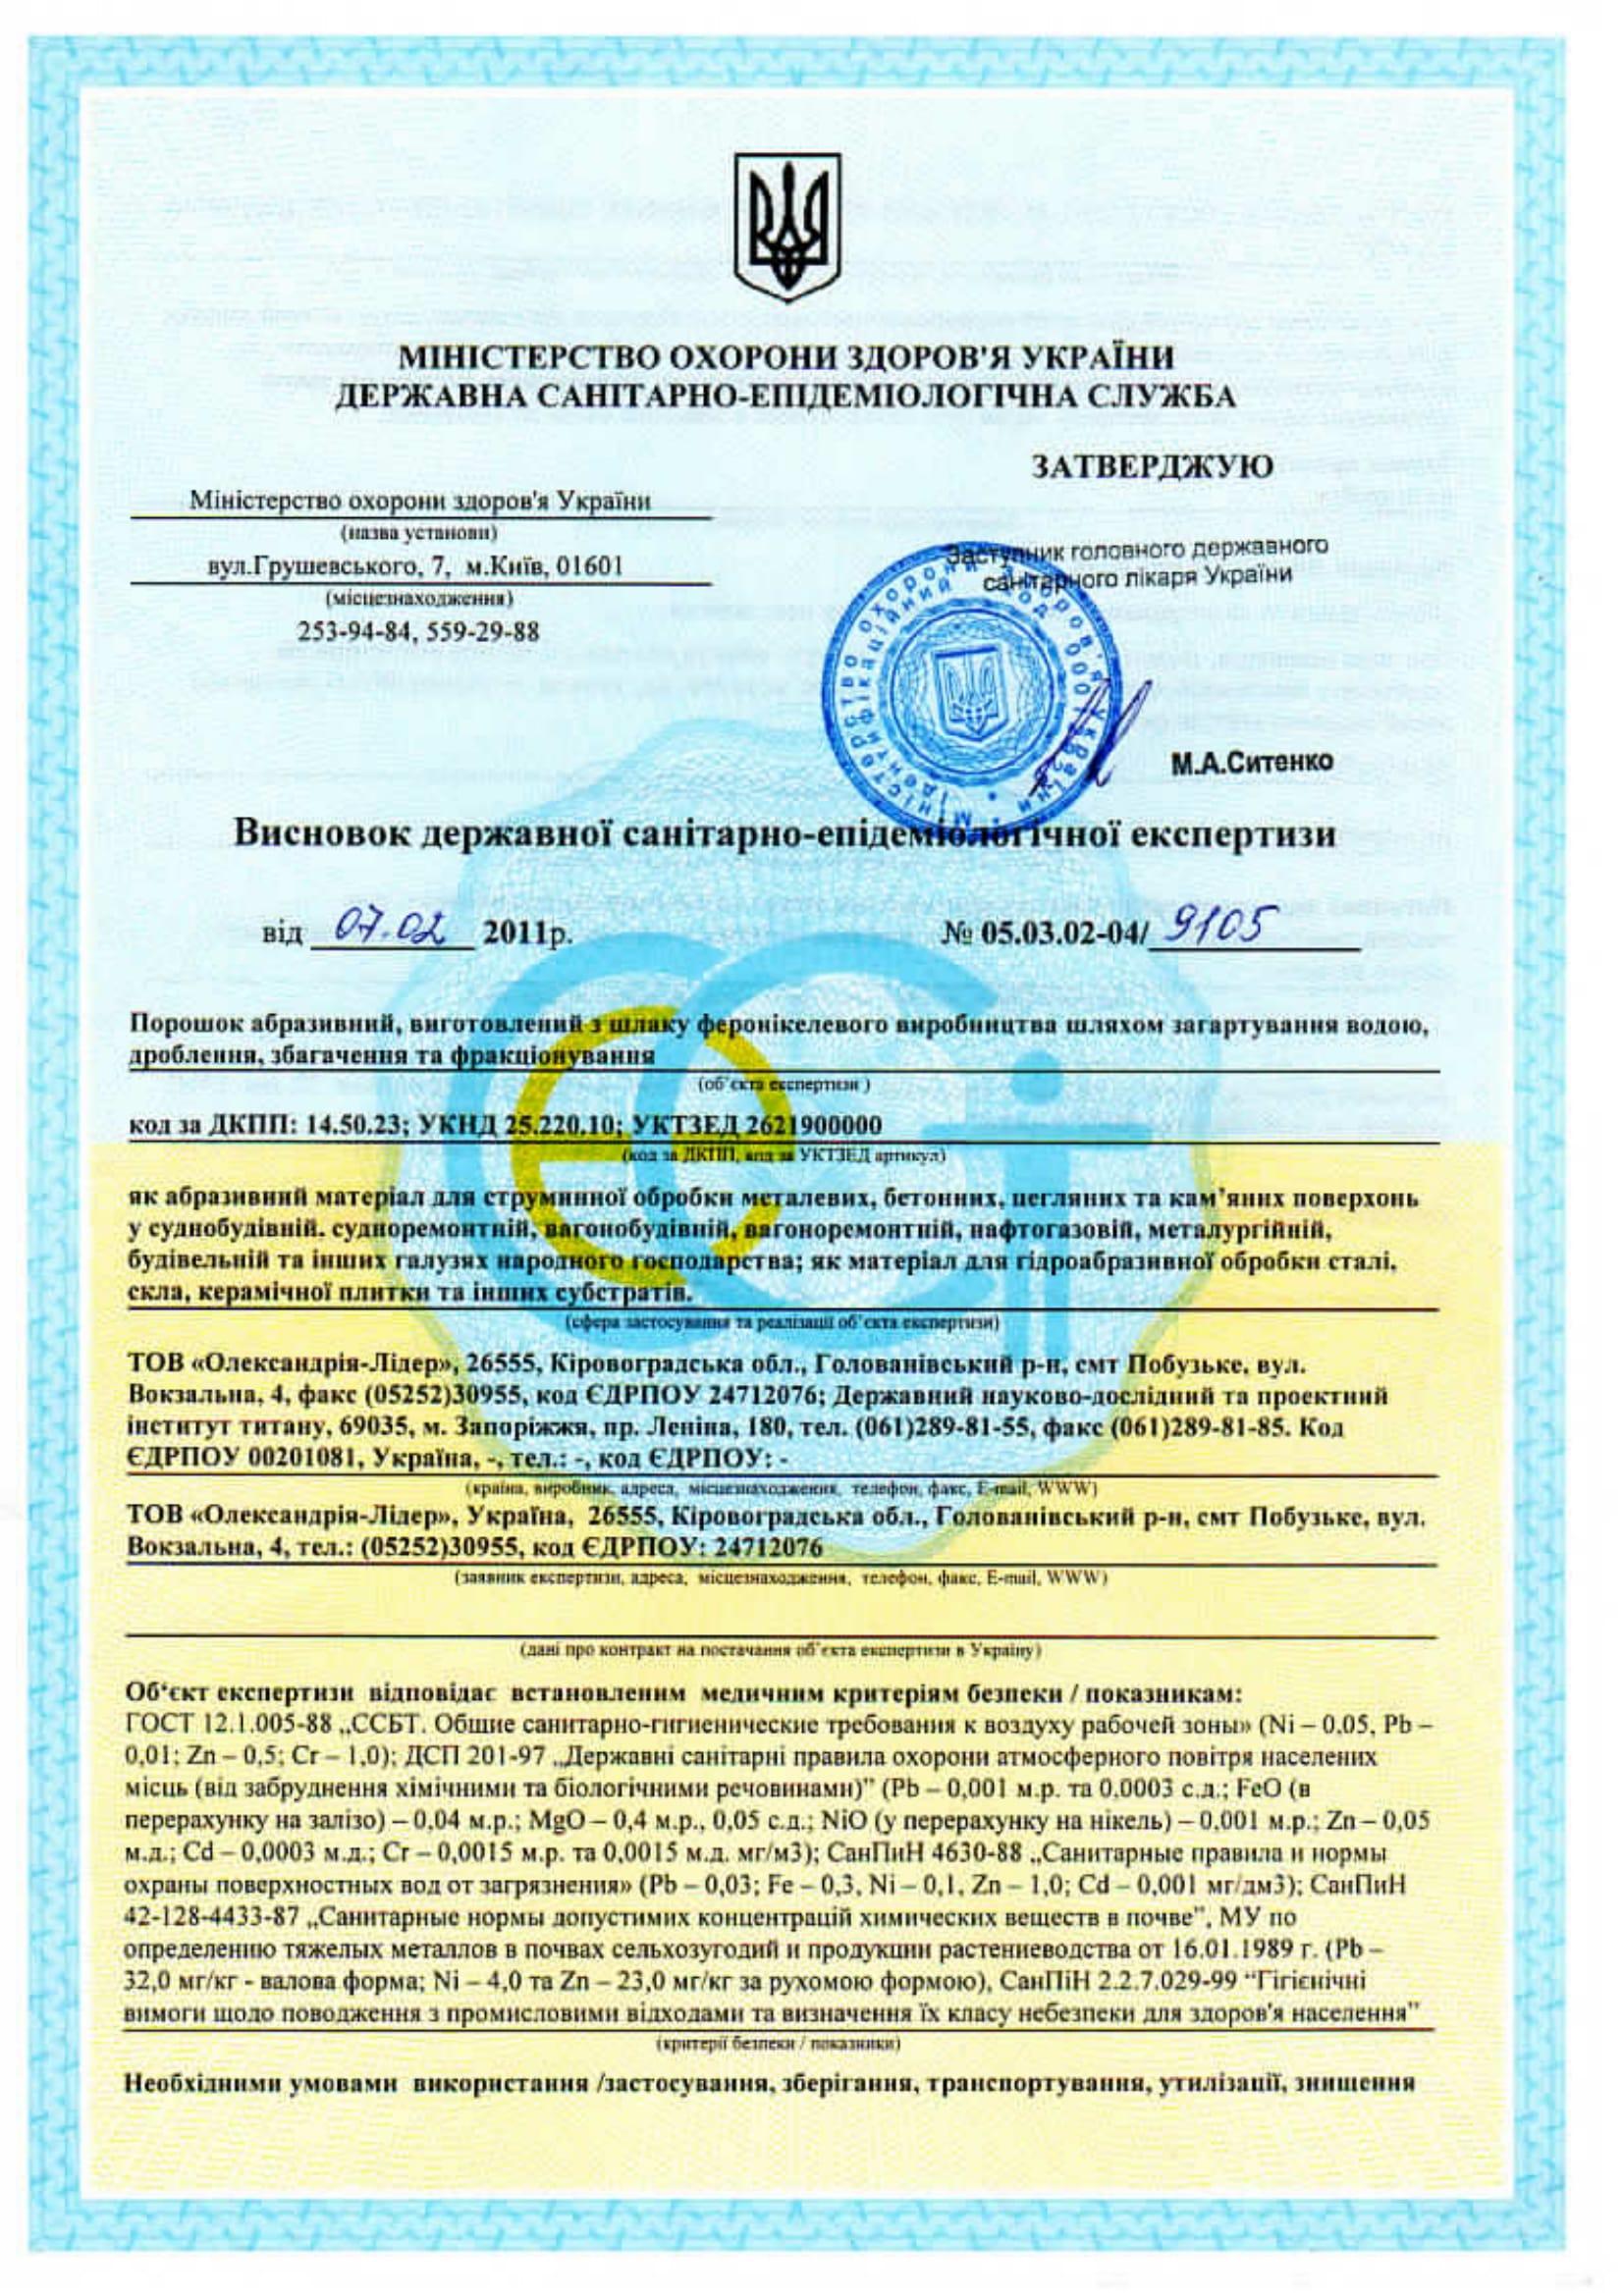 Абразивный материал купить в Украине